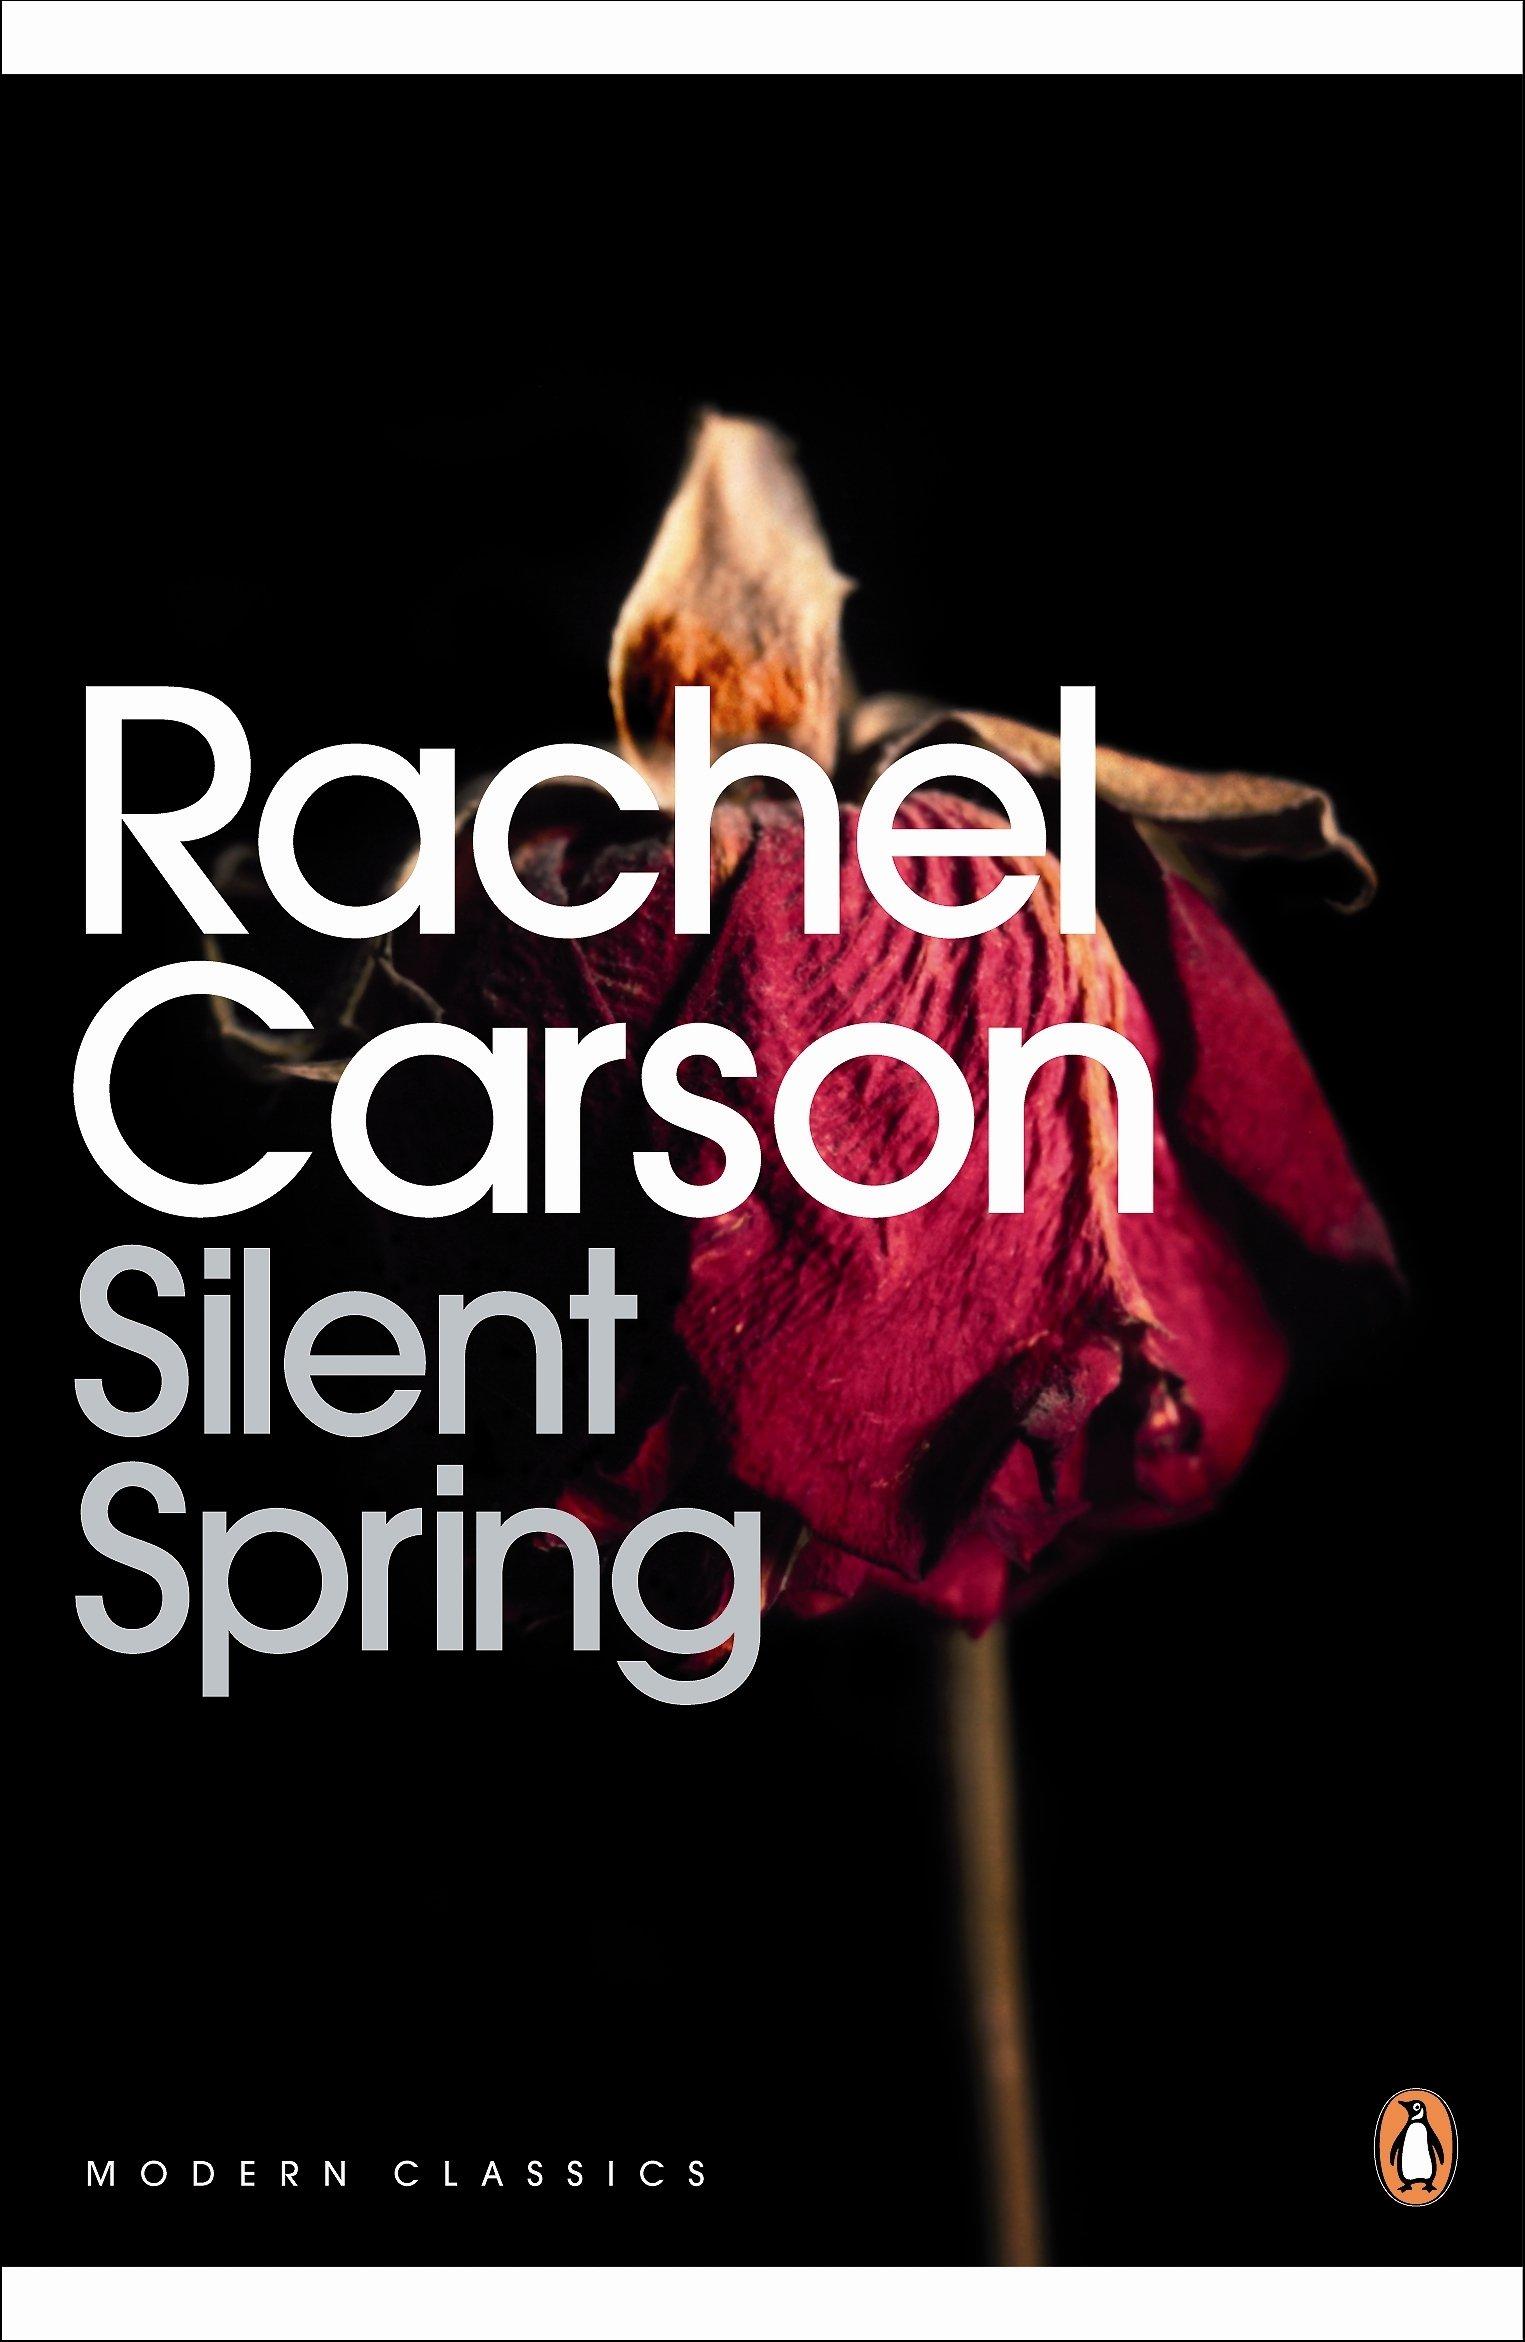 Silent Spring (Penguin Modern Classics) Paperback – September 28, 2000